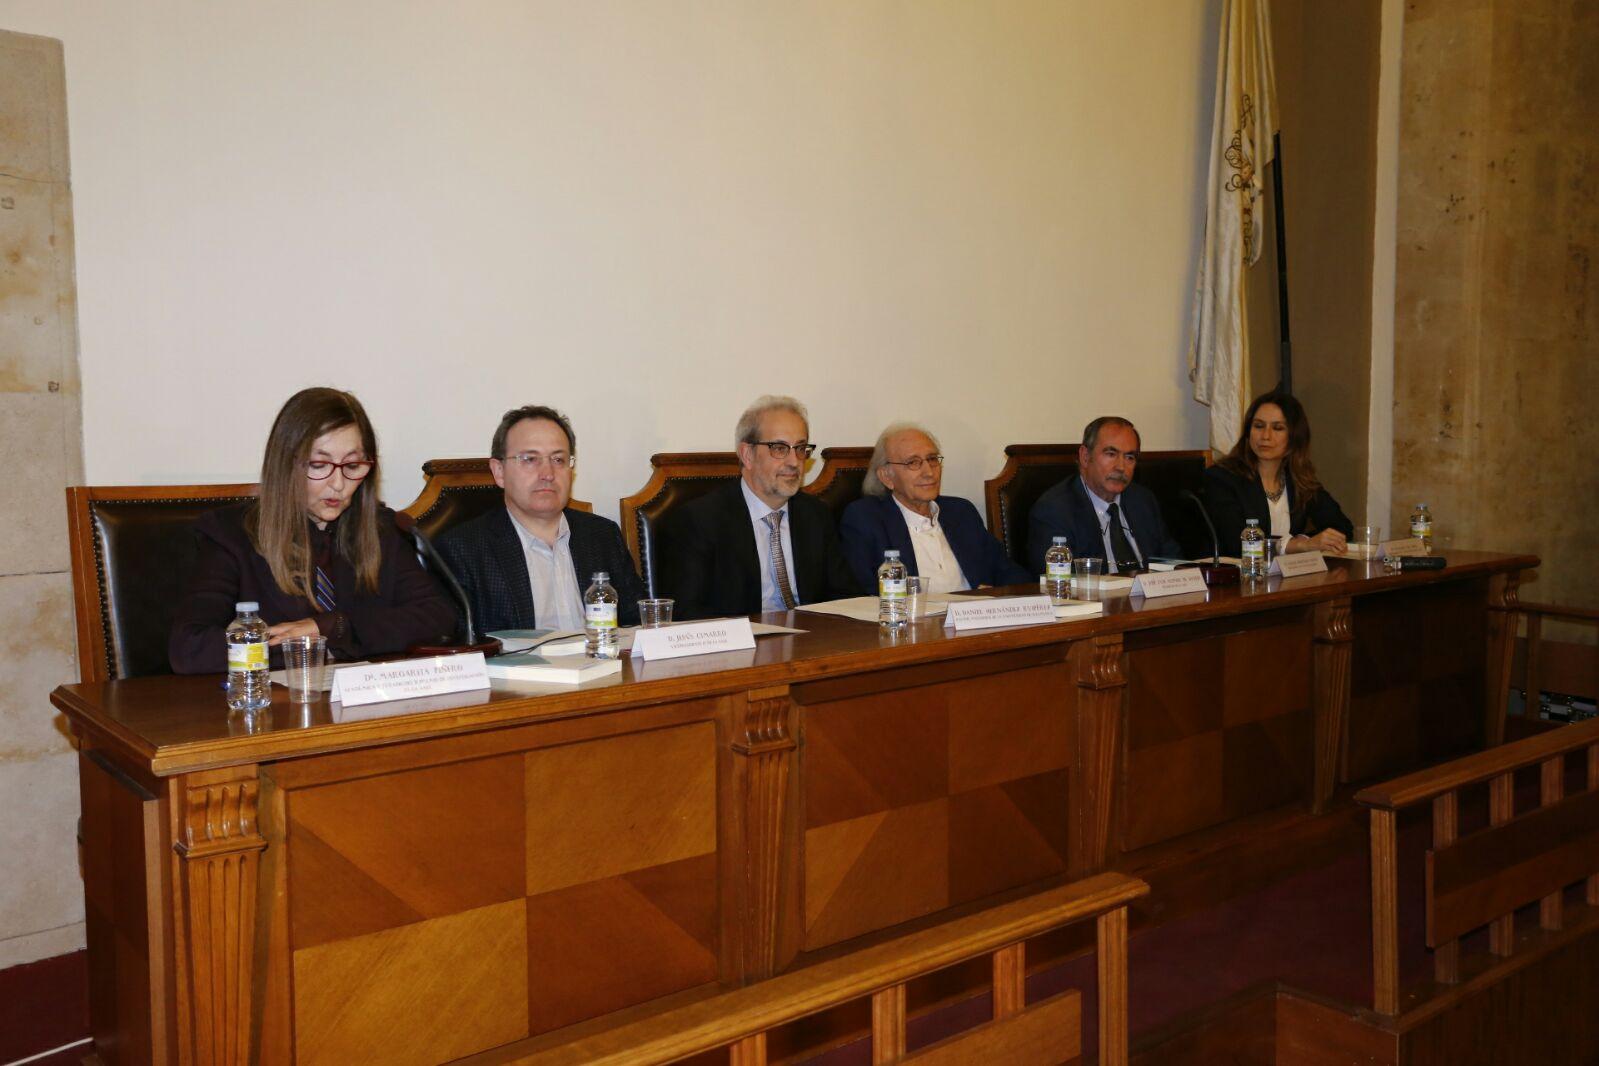 La Universidad de Salamanca y la Academia de Artes Escénicas de España impulsan la práctica y la investigación del teatro entre los estudiantes